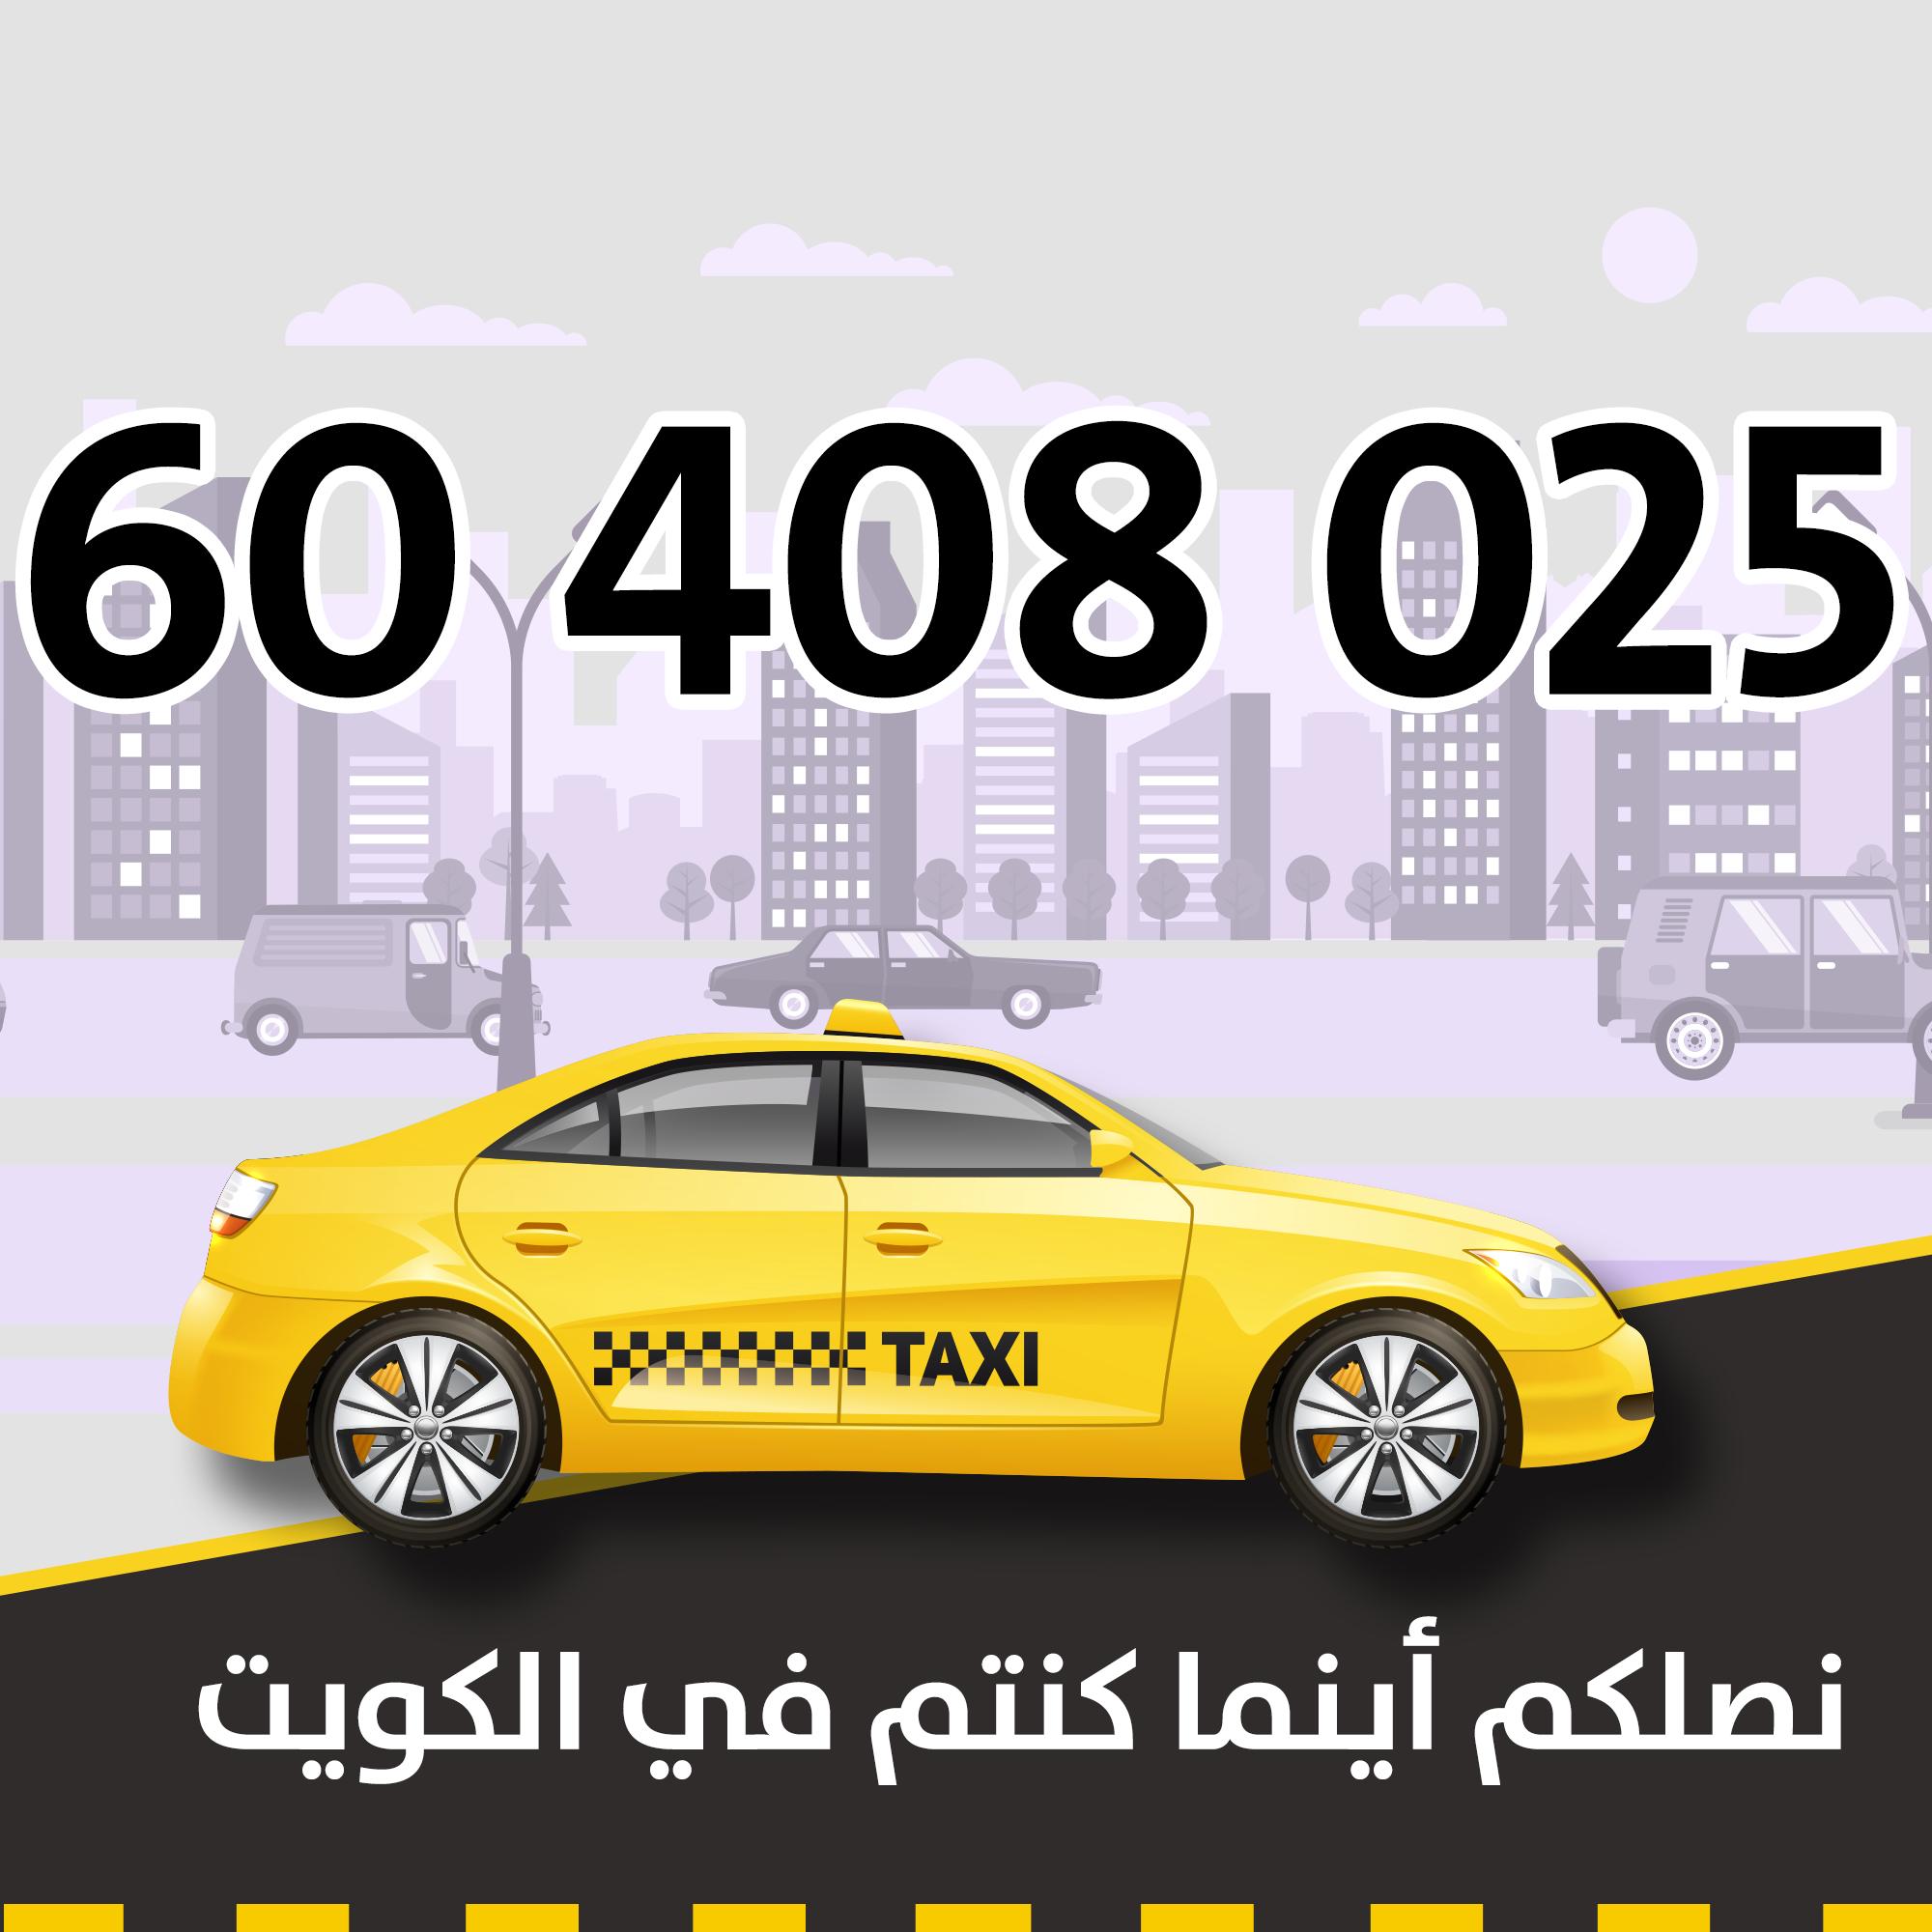 تاكسي توصيلة في شارع كعب بن زهير